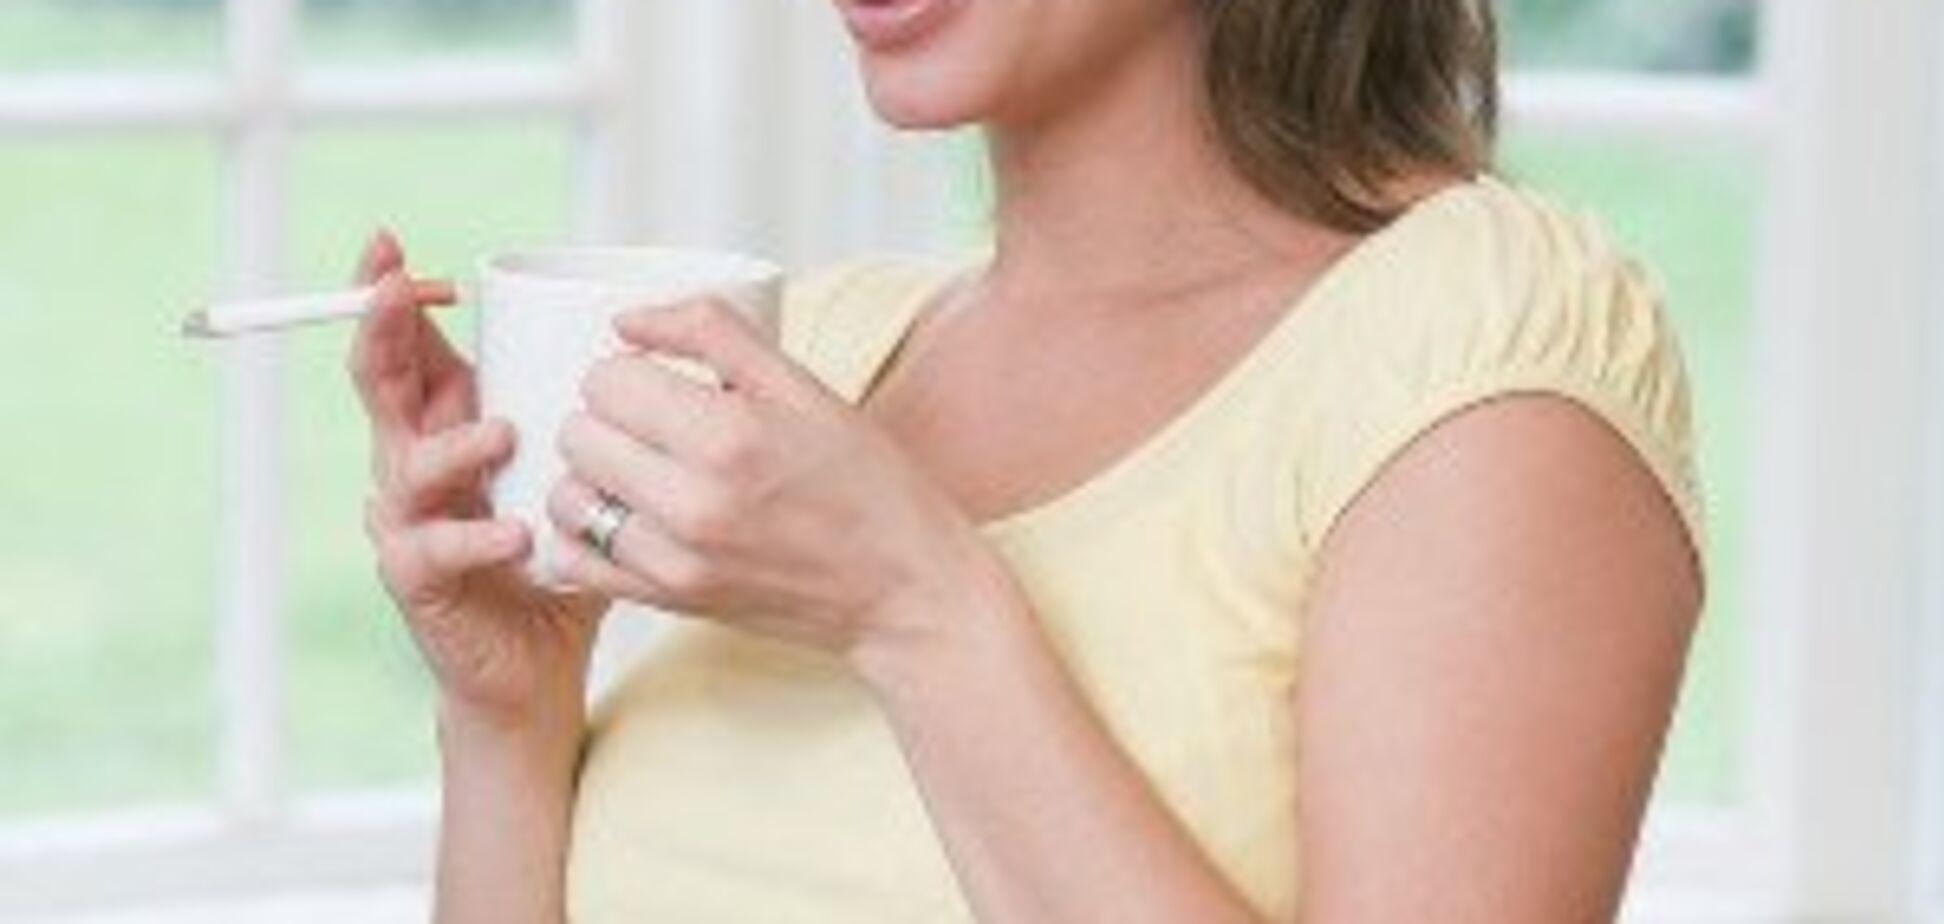 Повышает риск на 90%: ученые назвали новую опасность от курения для женщин